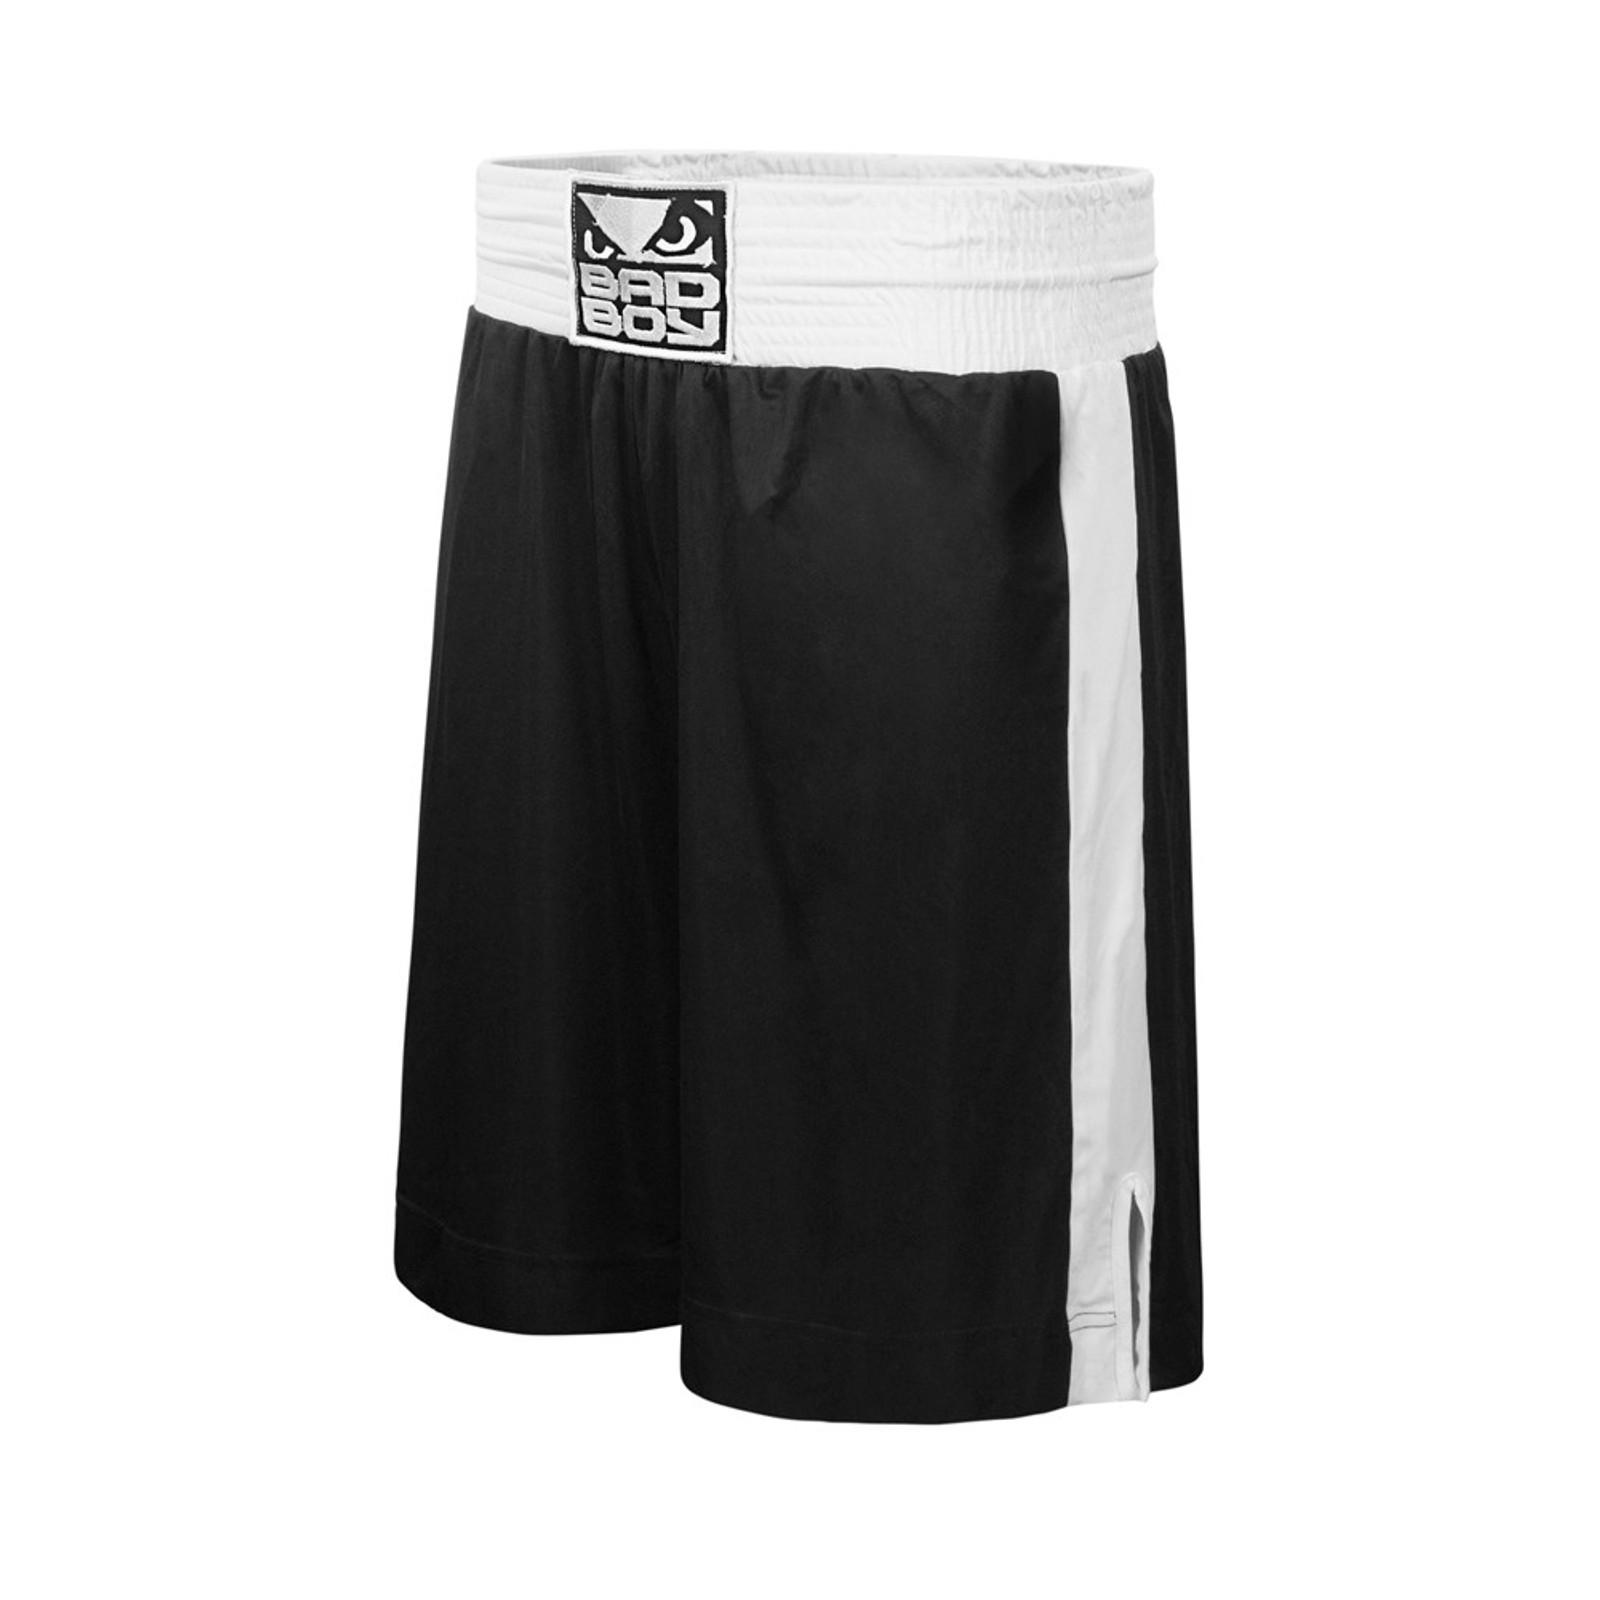 Bad Boy Boxing Shorts Stinger